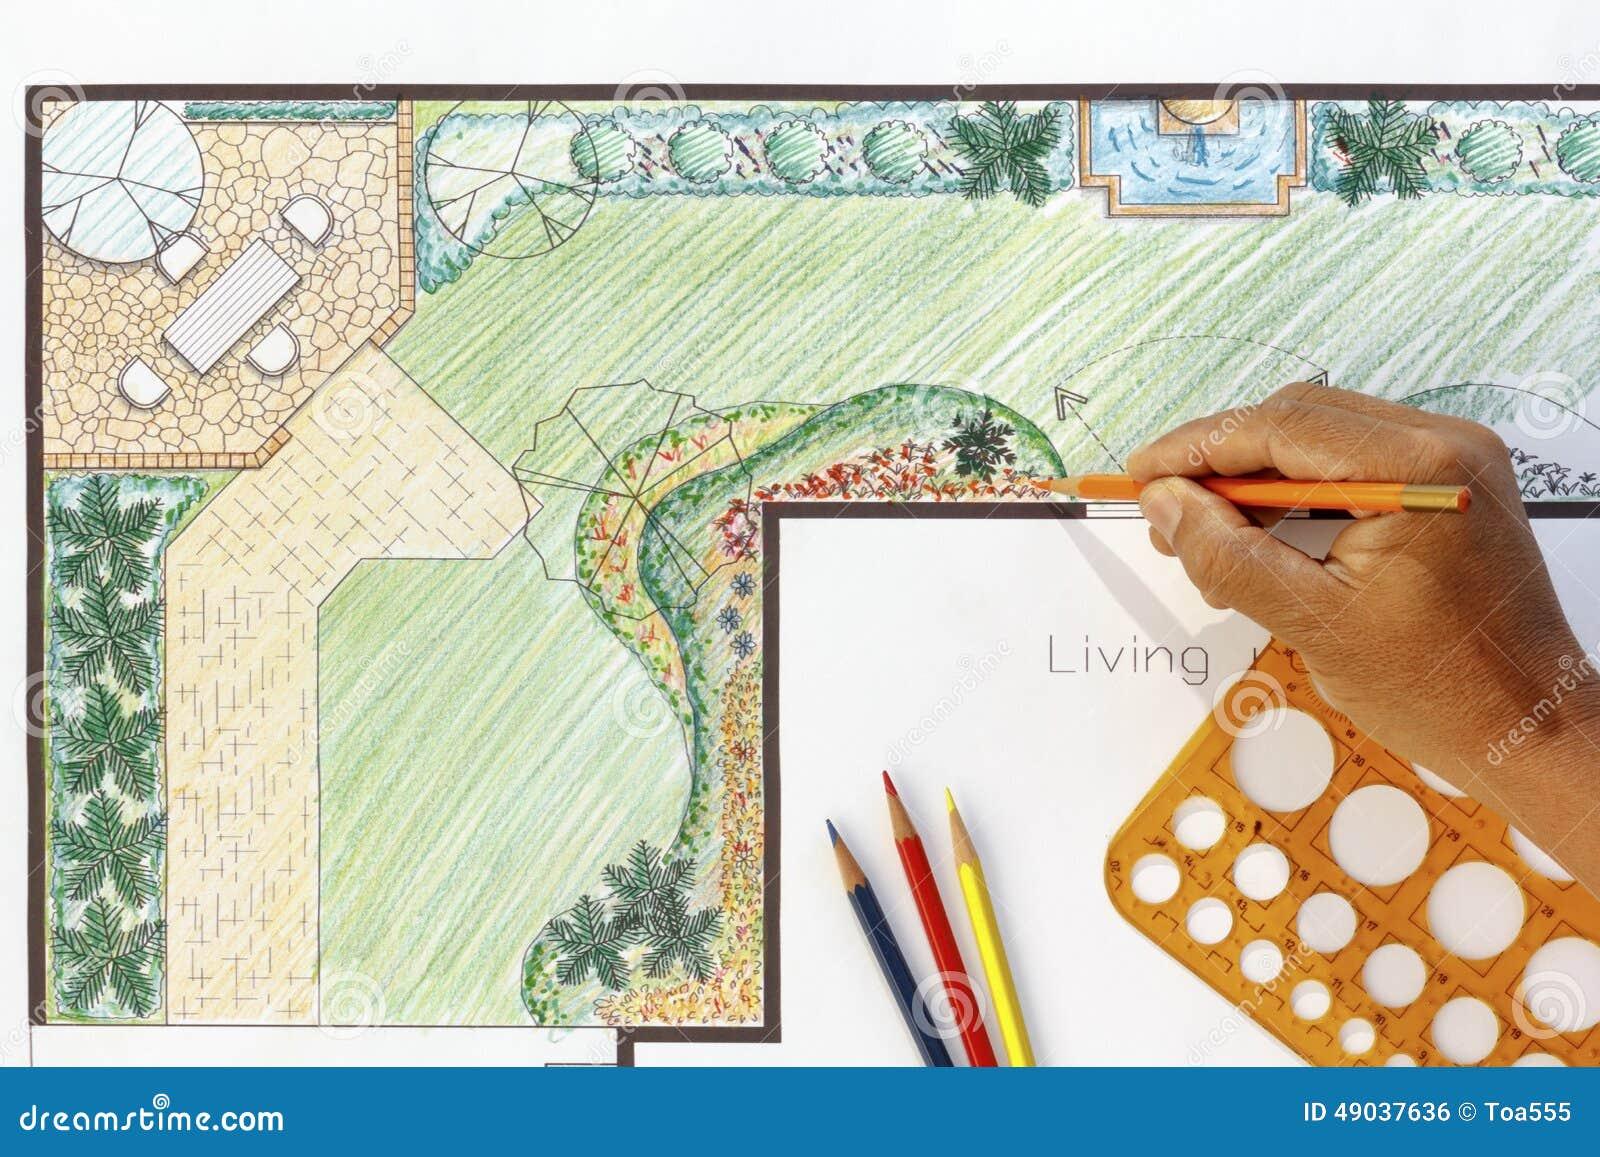 Landscape Architect Design L Shape Garden Plan Stock Photo - Image 49037636